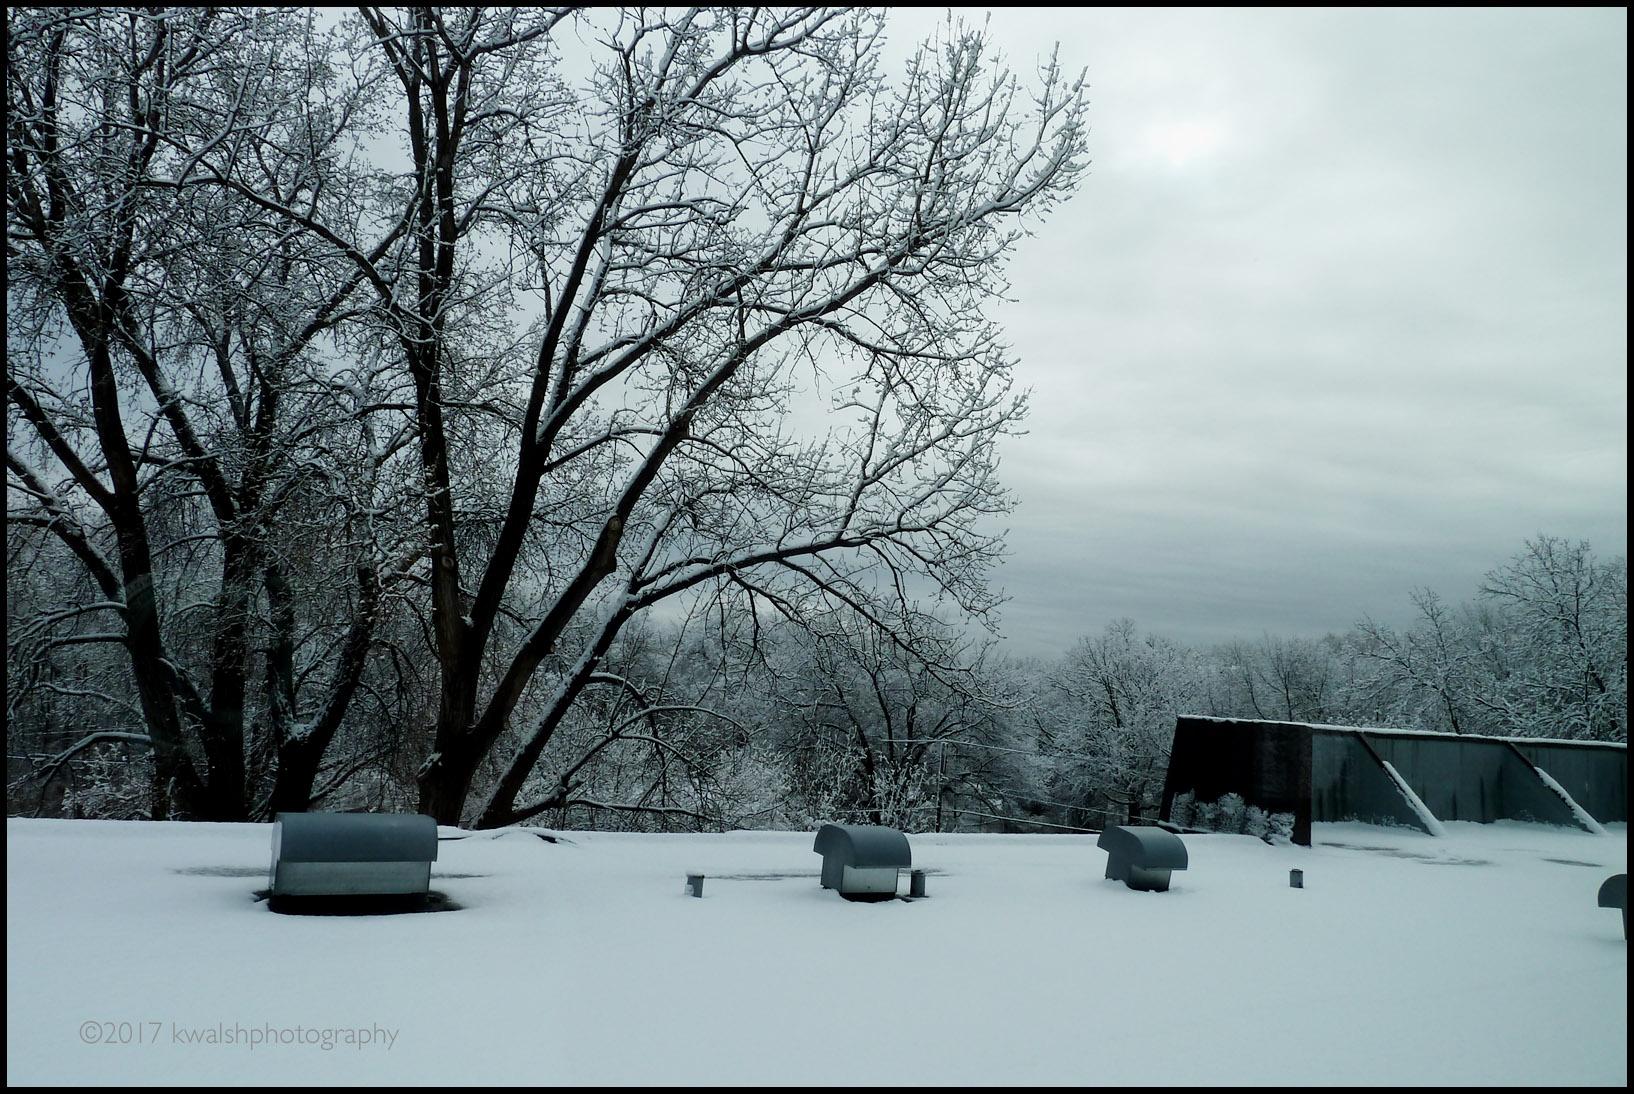 April Snowstorm Roof Blk Brdr